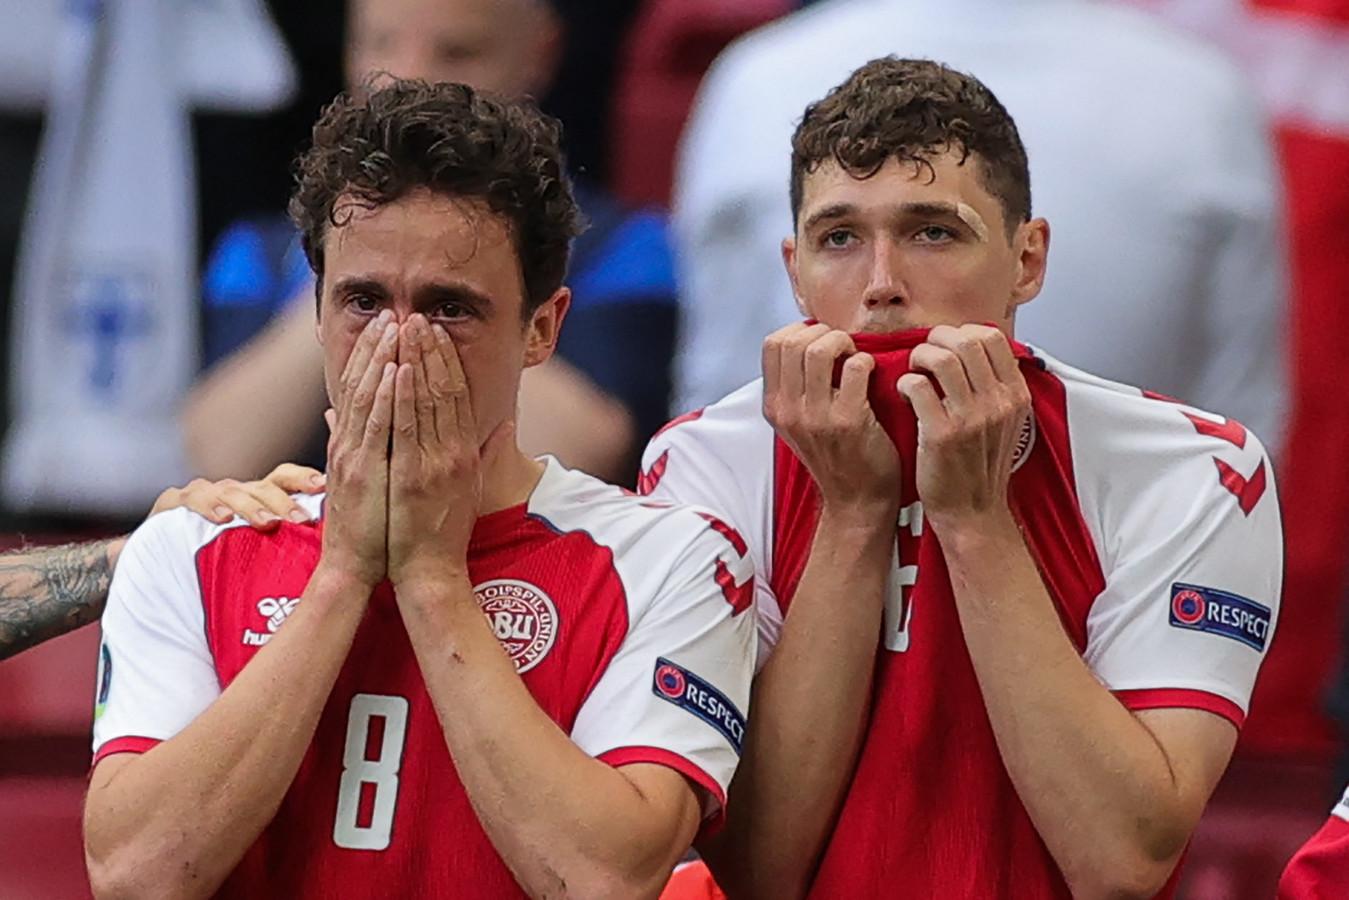 Thomas Delaney en Andreas Christensen zijn na het incident met Christian Eriksen overmand door emoties.